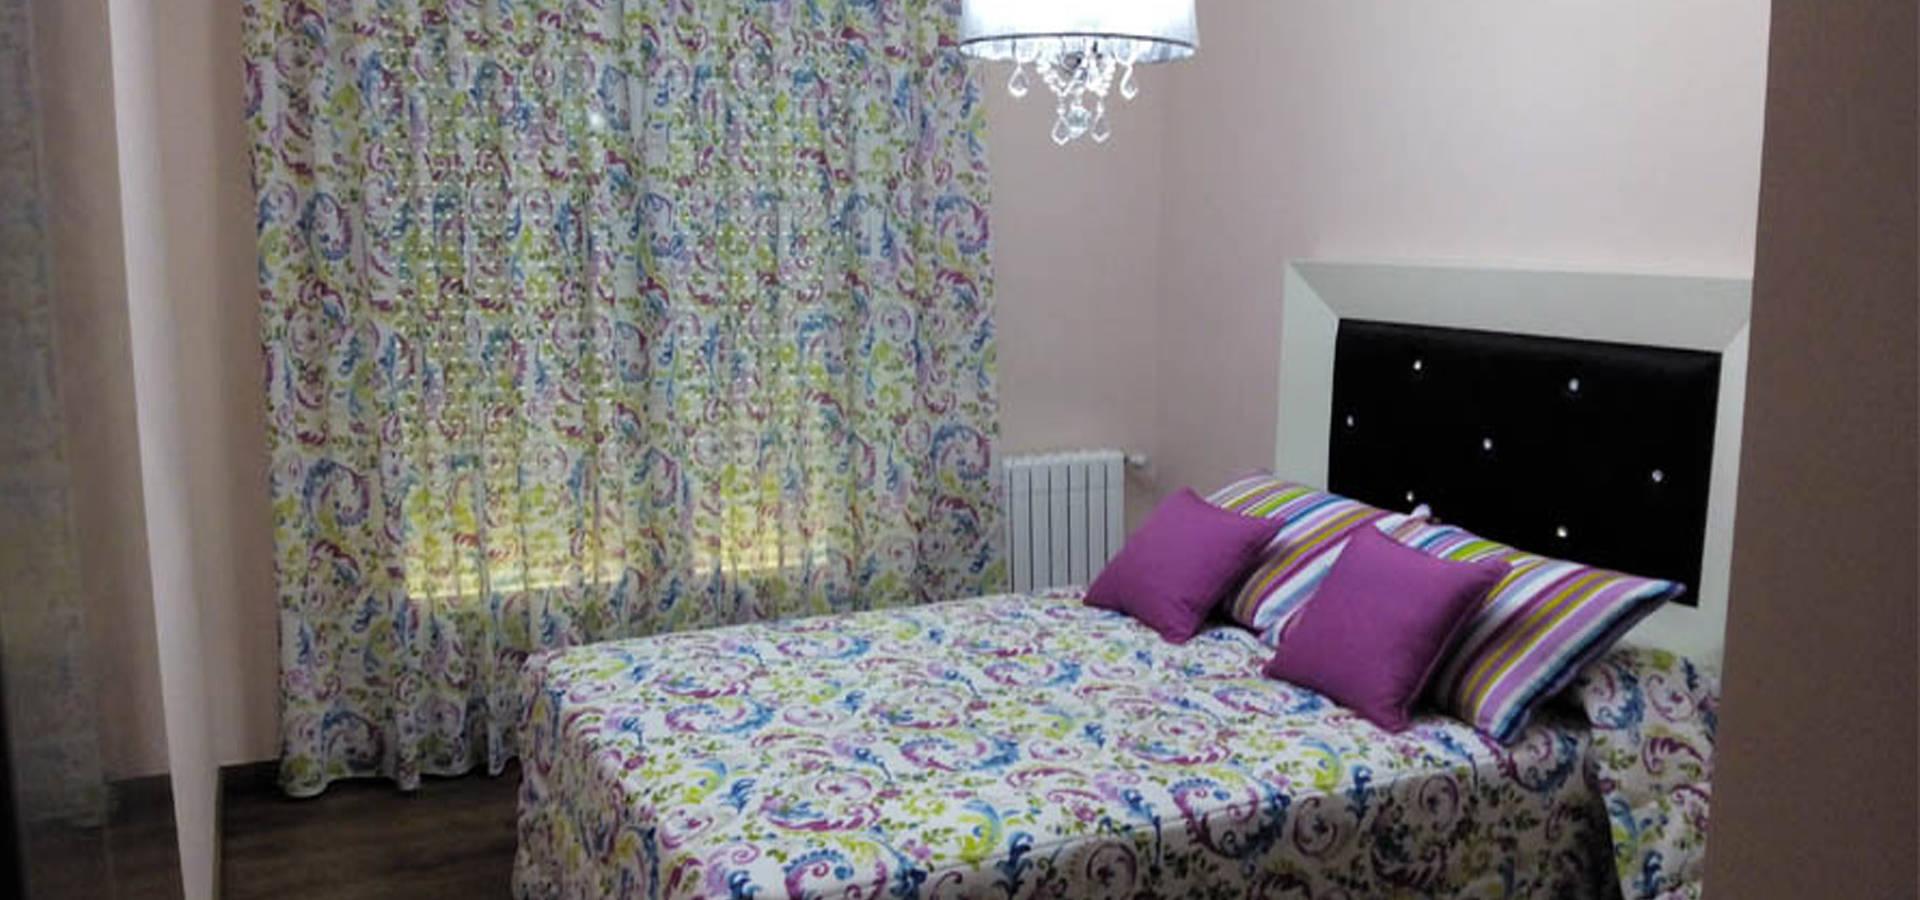 El oeste hogar decoradores y dise adores de interiores en - Disenadores de interiores espanoles ...